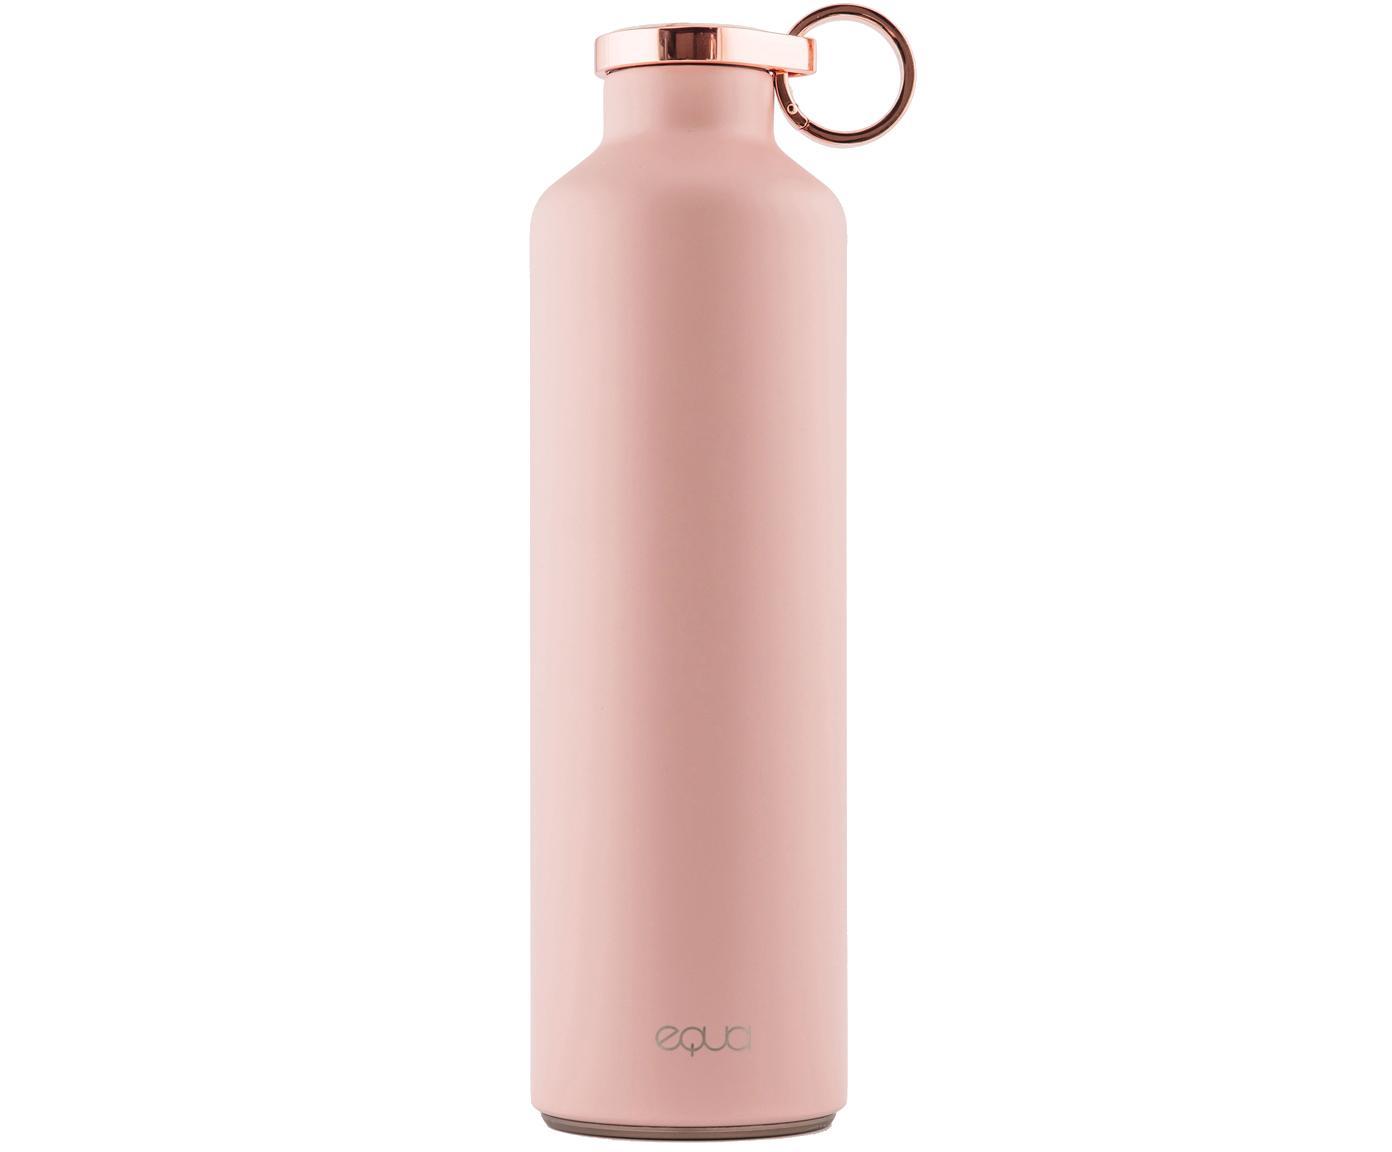 Termo Classy Thermo Pink Blush, Acero inoxidable, recubierto., Rosa, bronceado, Ø 8 x Al 26 cm